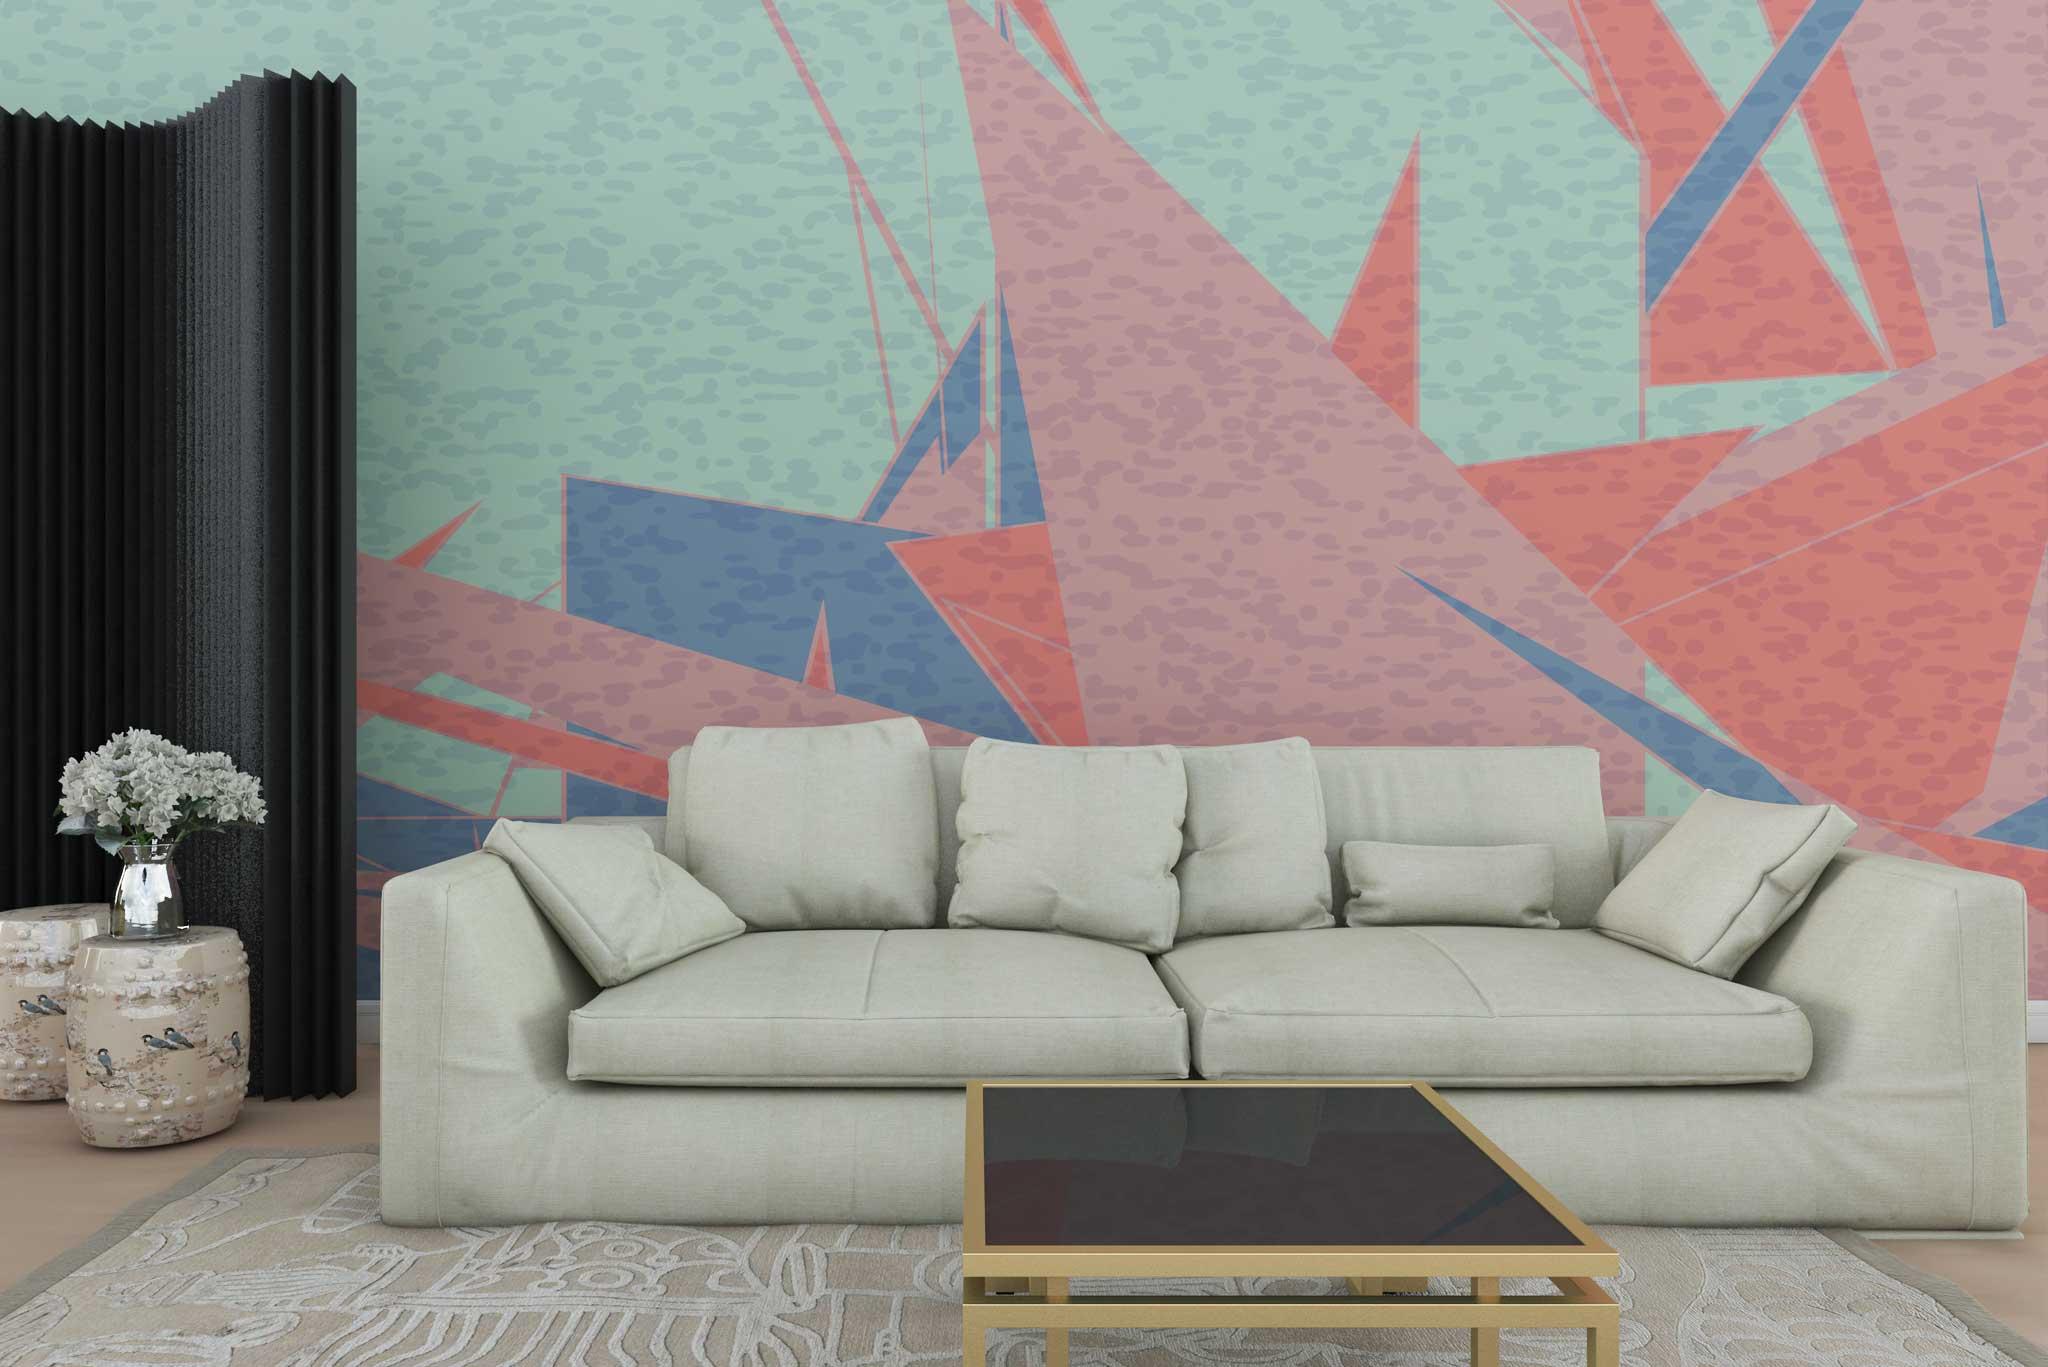 tapet-fototapet-personalizat-comanda-bucuresti-pictura-abstracta-grafic-model-geometric-multicolor-perete-lux-special